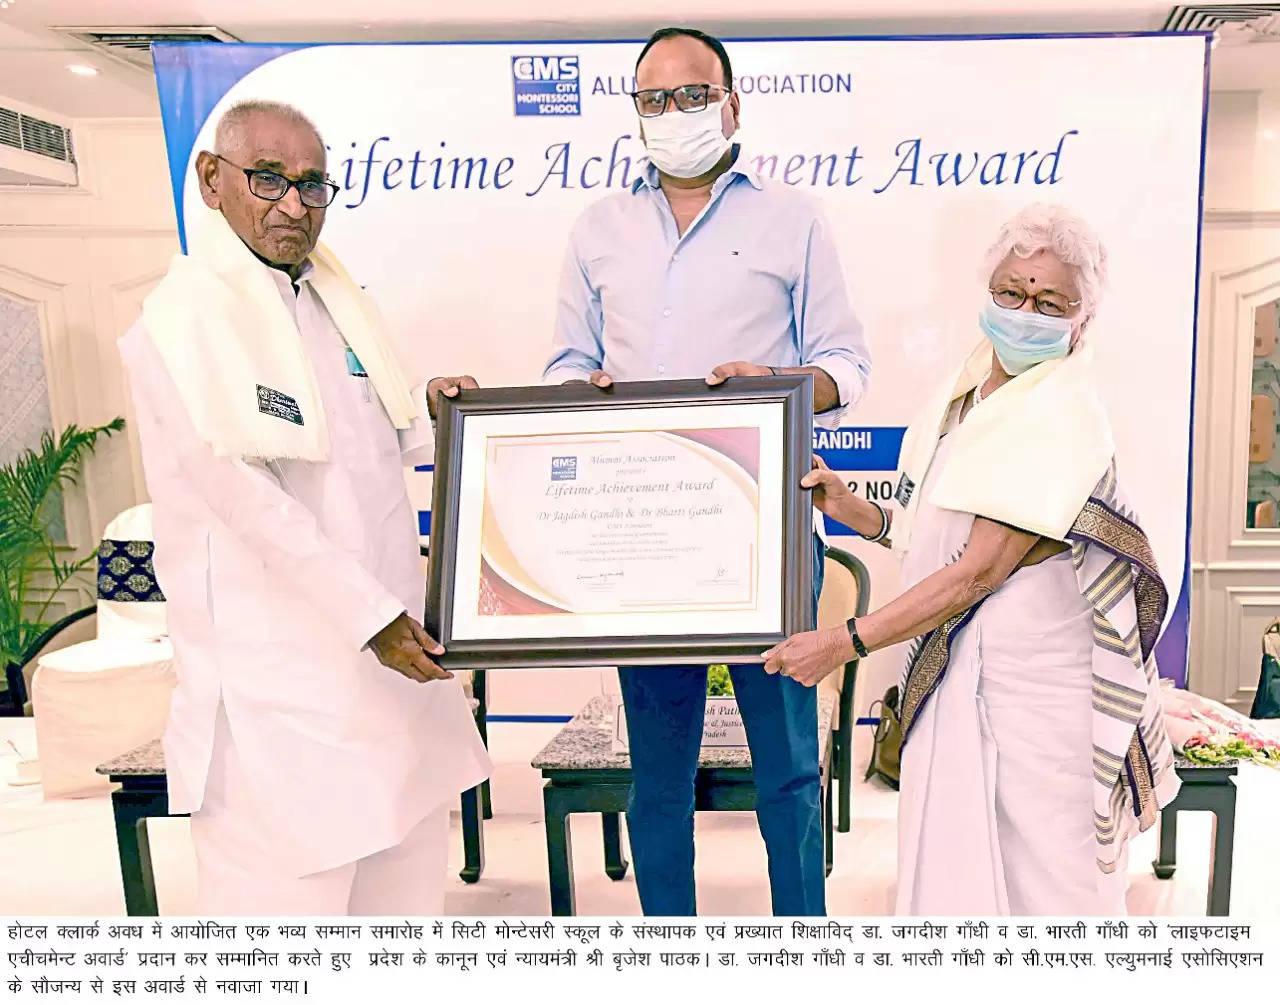 Dr Jagdish Gandhi & Dr Bharti Gandhi awarded